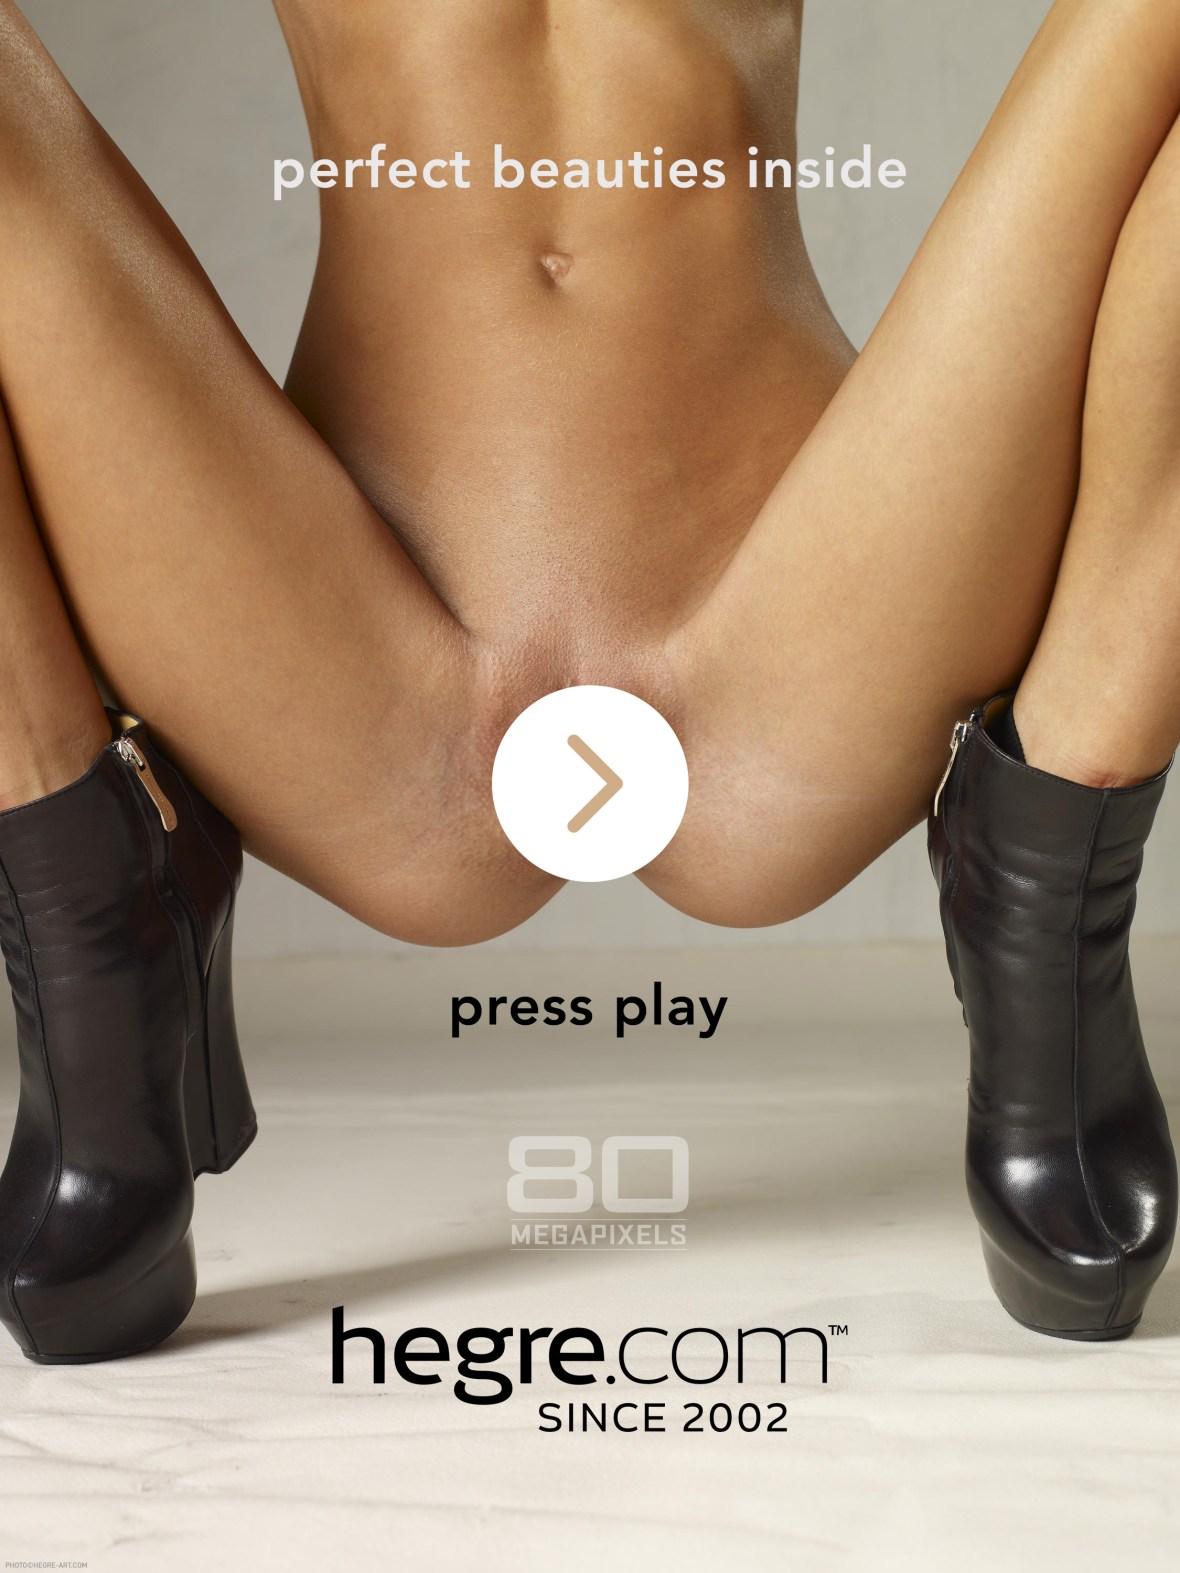 Hegre.com